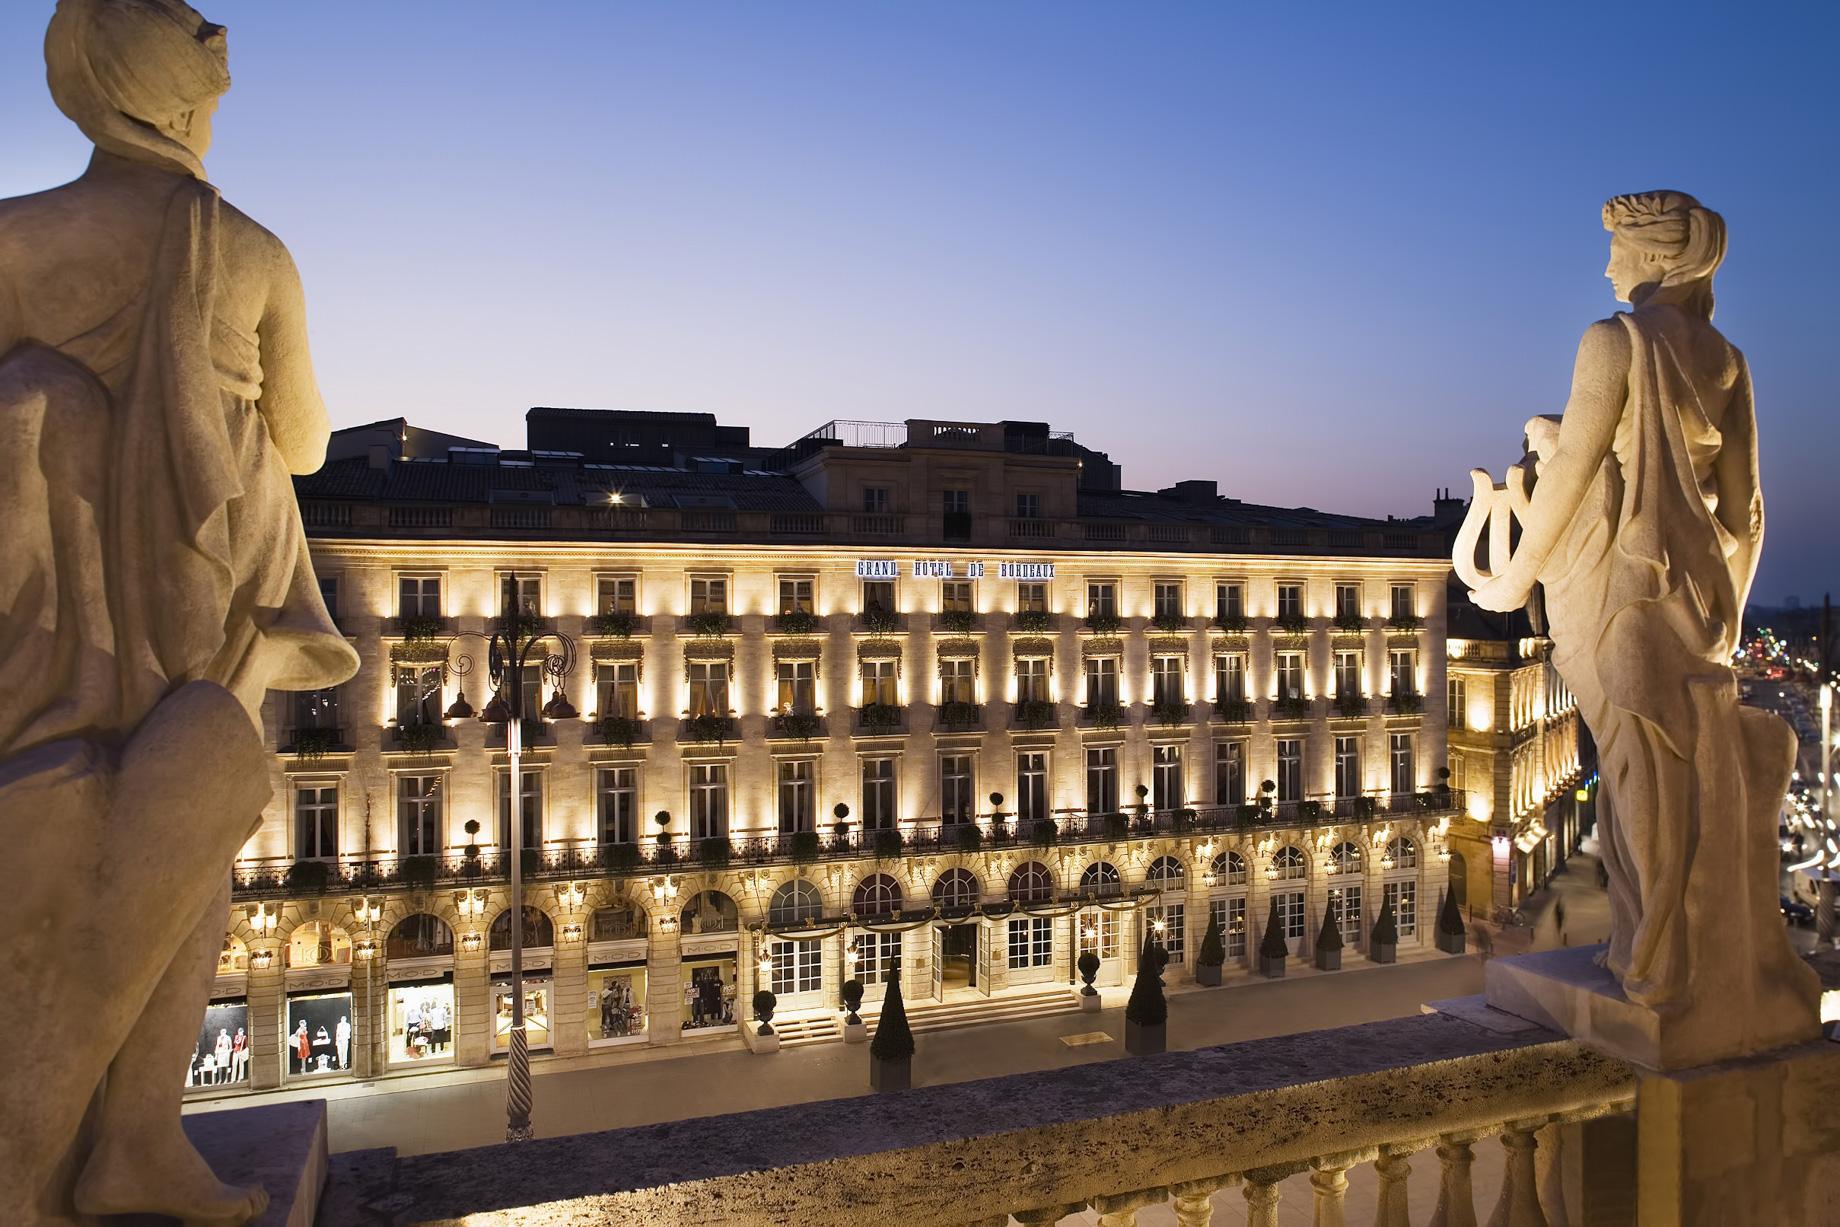 InterContinental Bordeaux Le Grand Hotel - Bordeaux, France